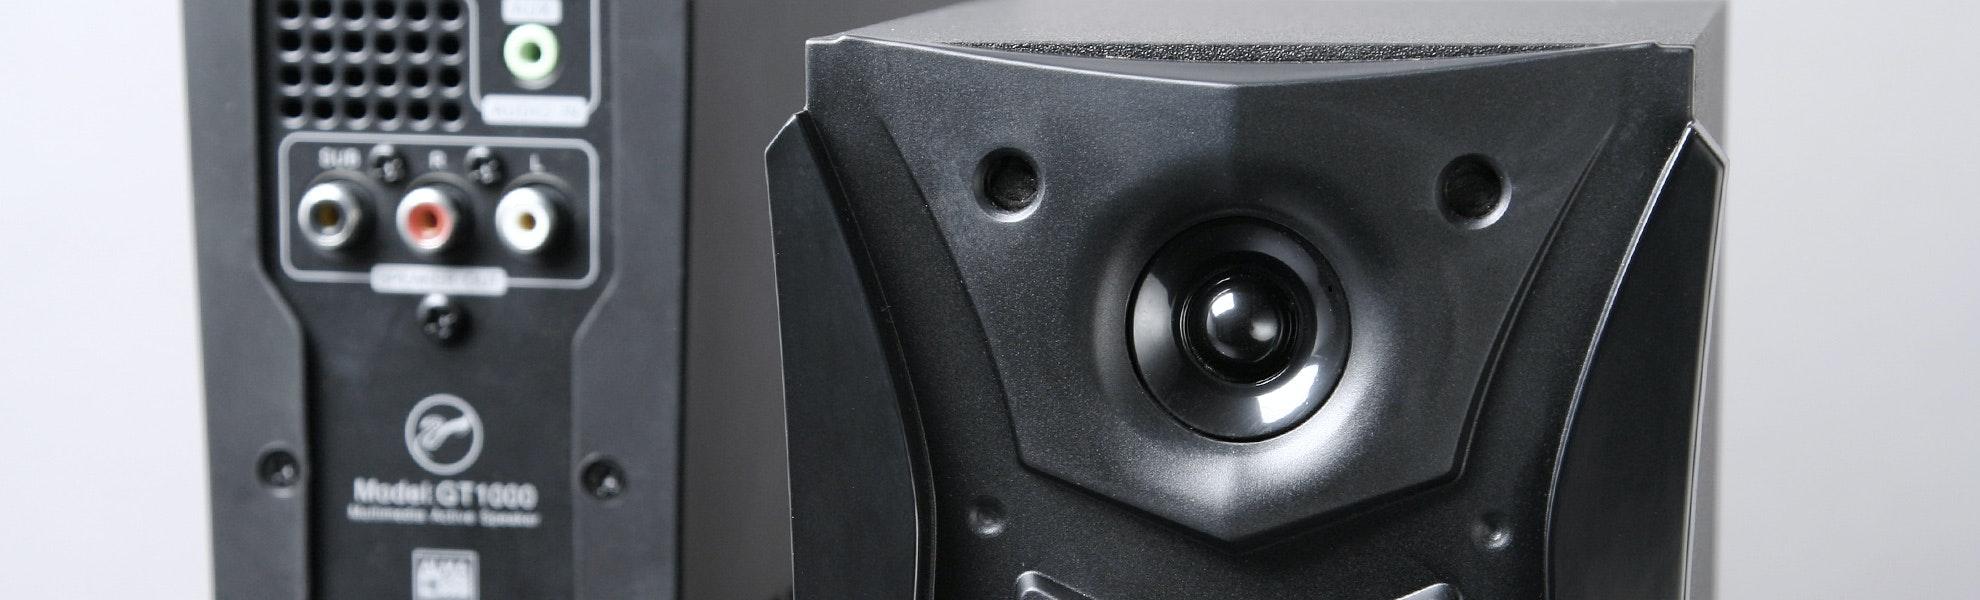 Swan GT1000 Multimedia Speaker System